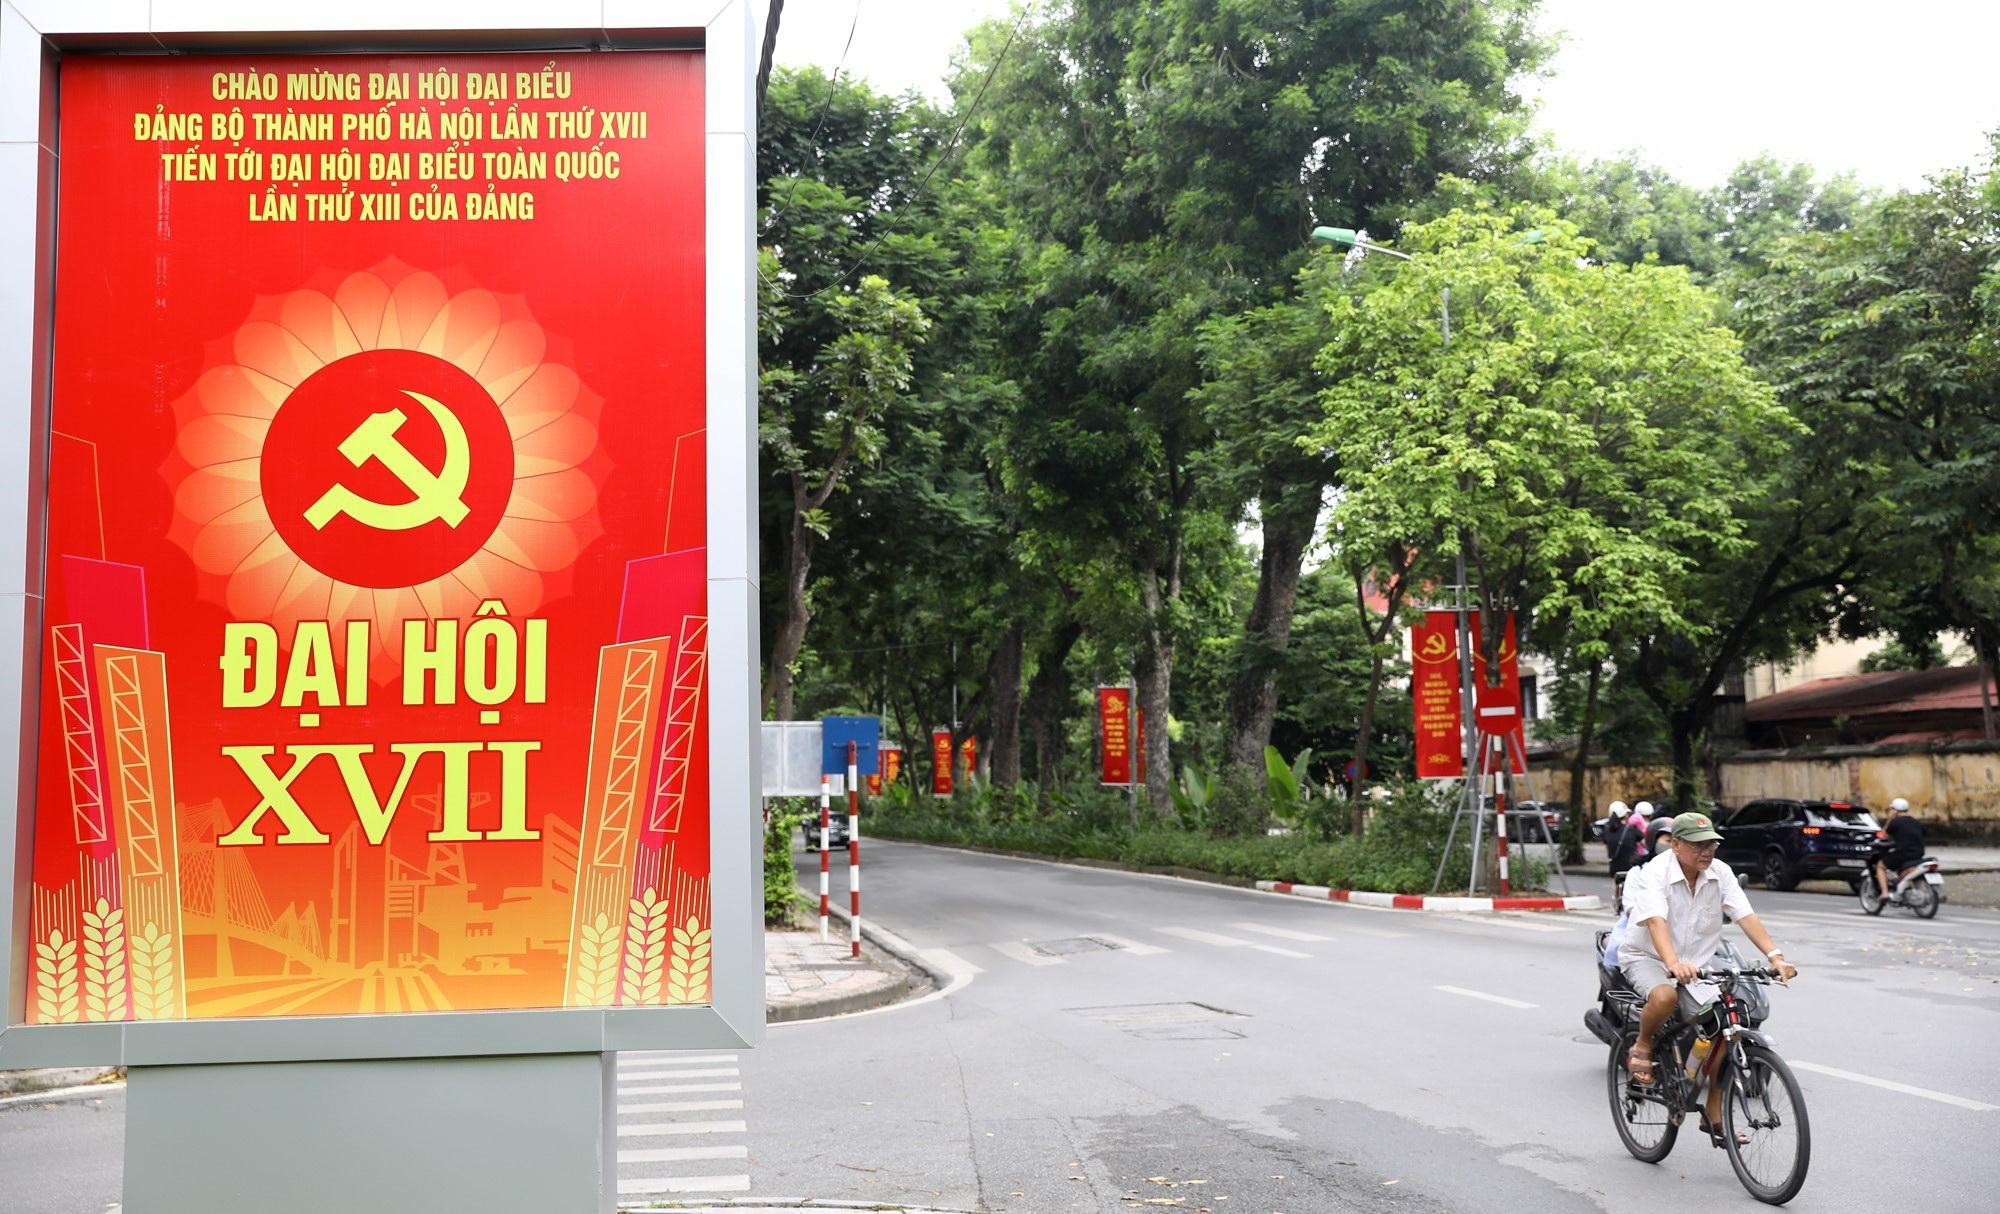 Pano cỡ lớn trang trí góc đường Hoàng Diệu với Hoàng Văn Thụ để tuyên truyền về sự kiện chính trị quan trọng của Thủ đô. (Ảnh: Văn Điệp/TTXVN)